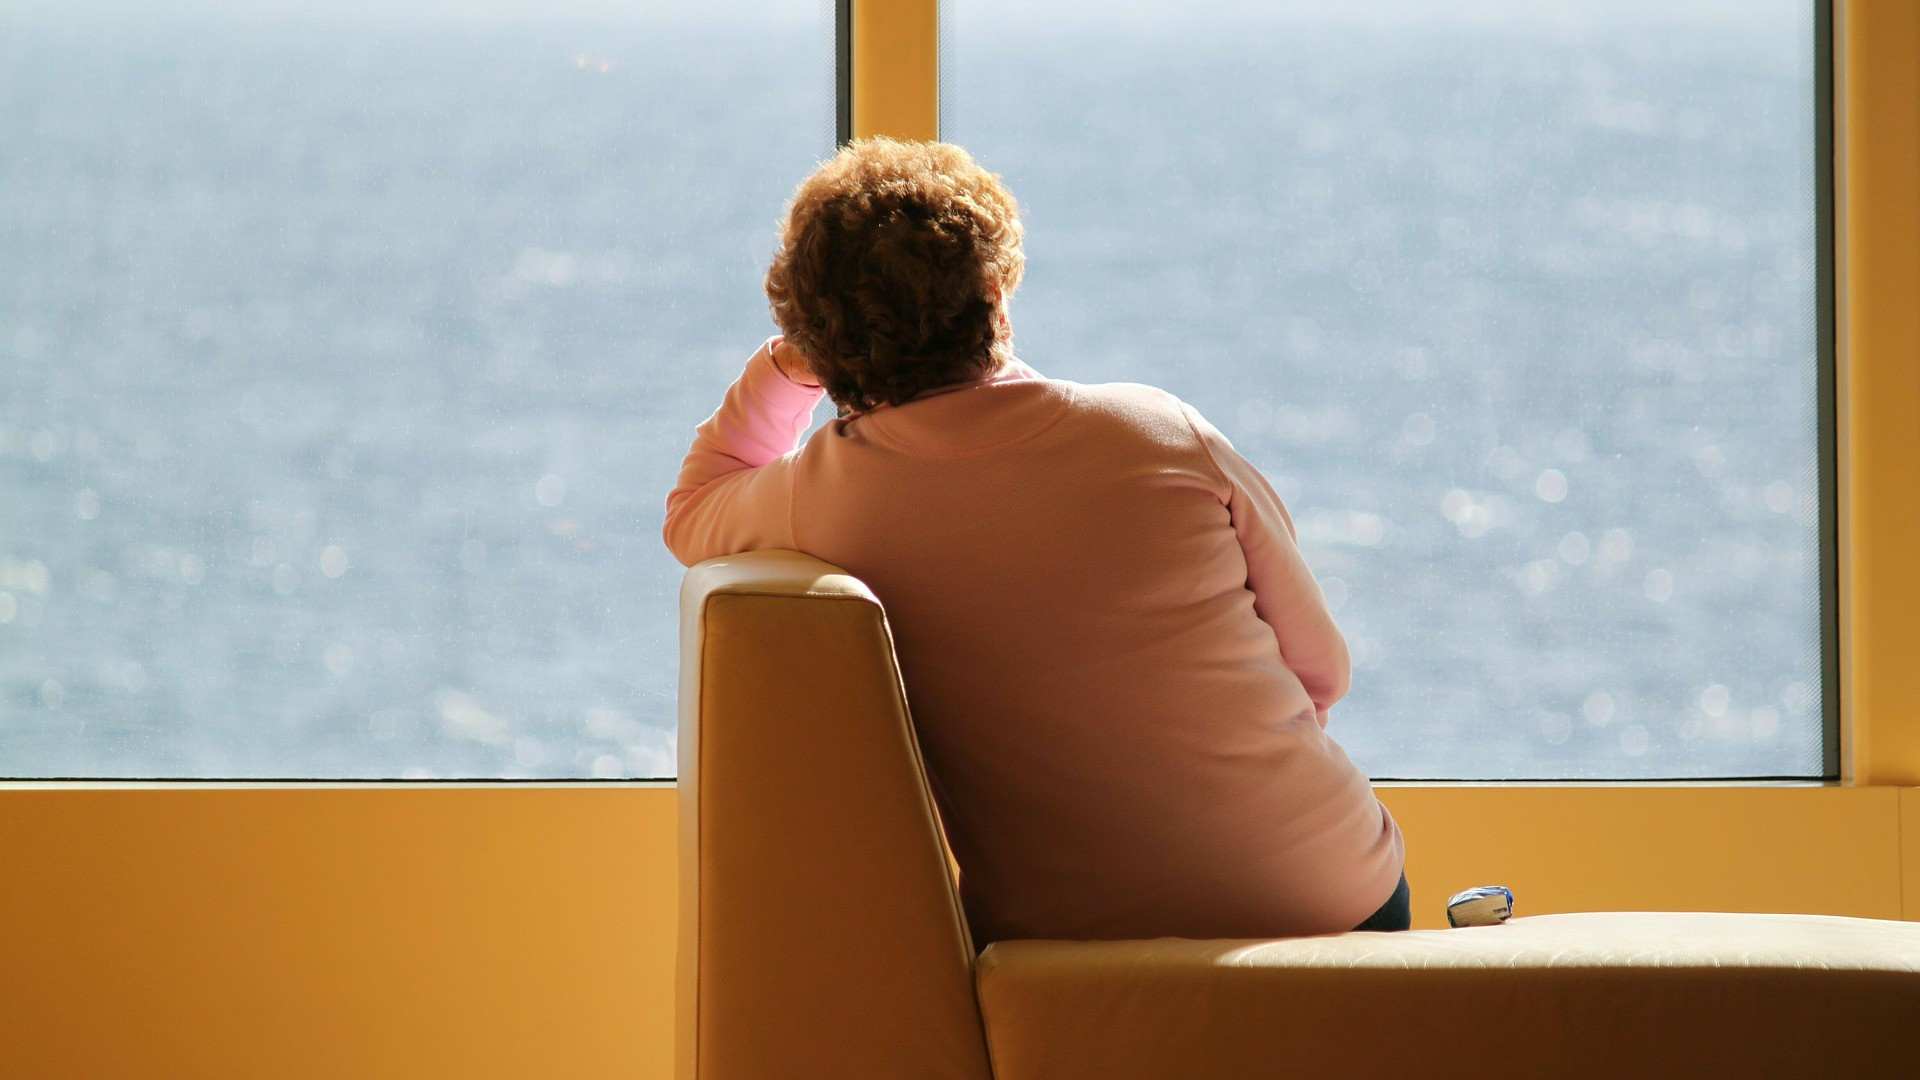 Magányos nő az ablaknál